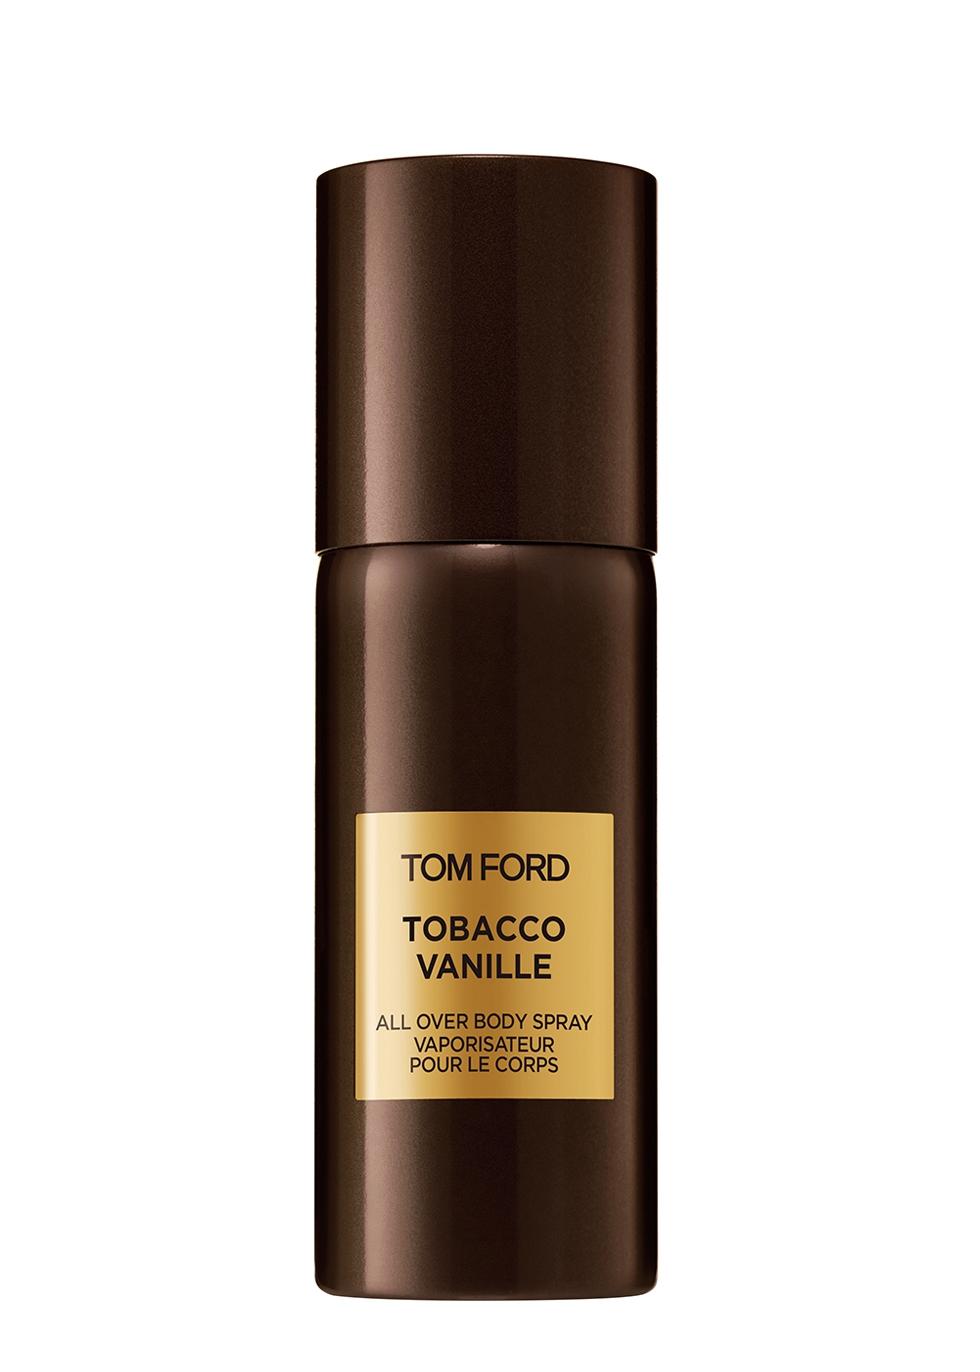 Tobacco Vanille Body Spray 150ml